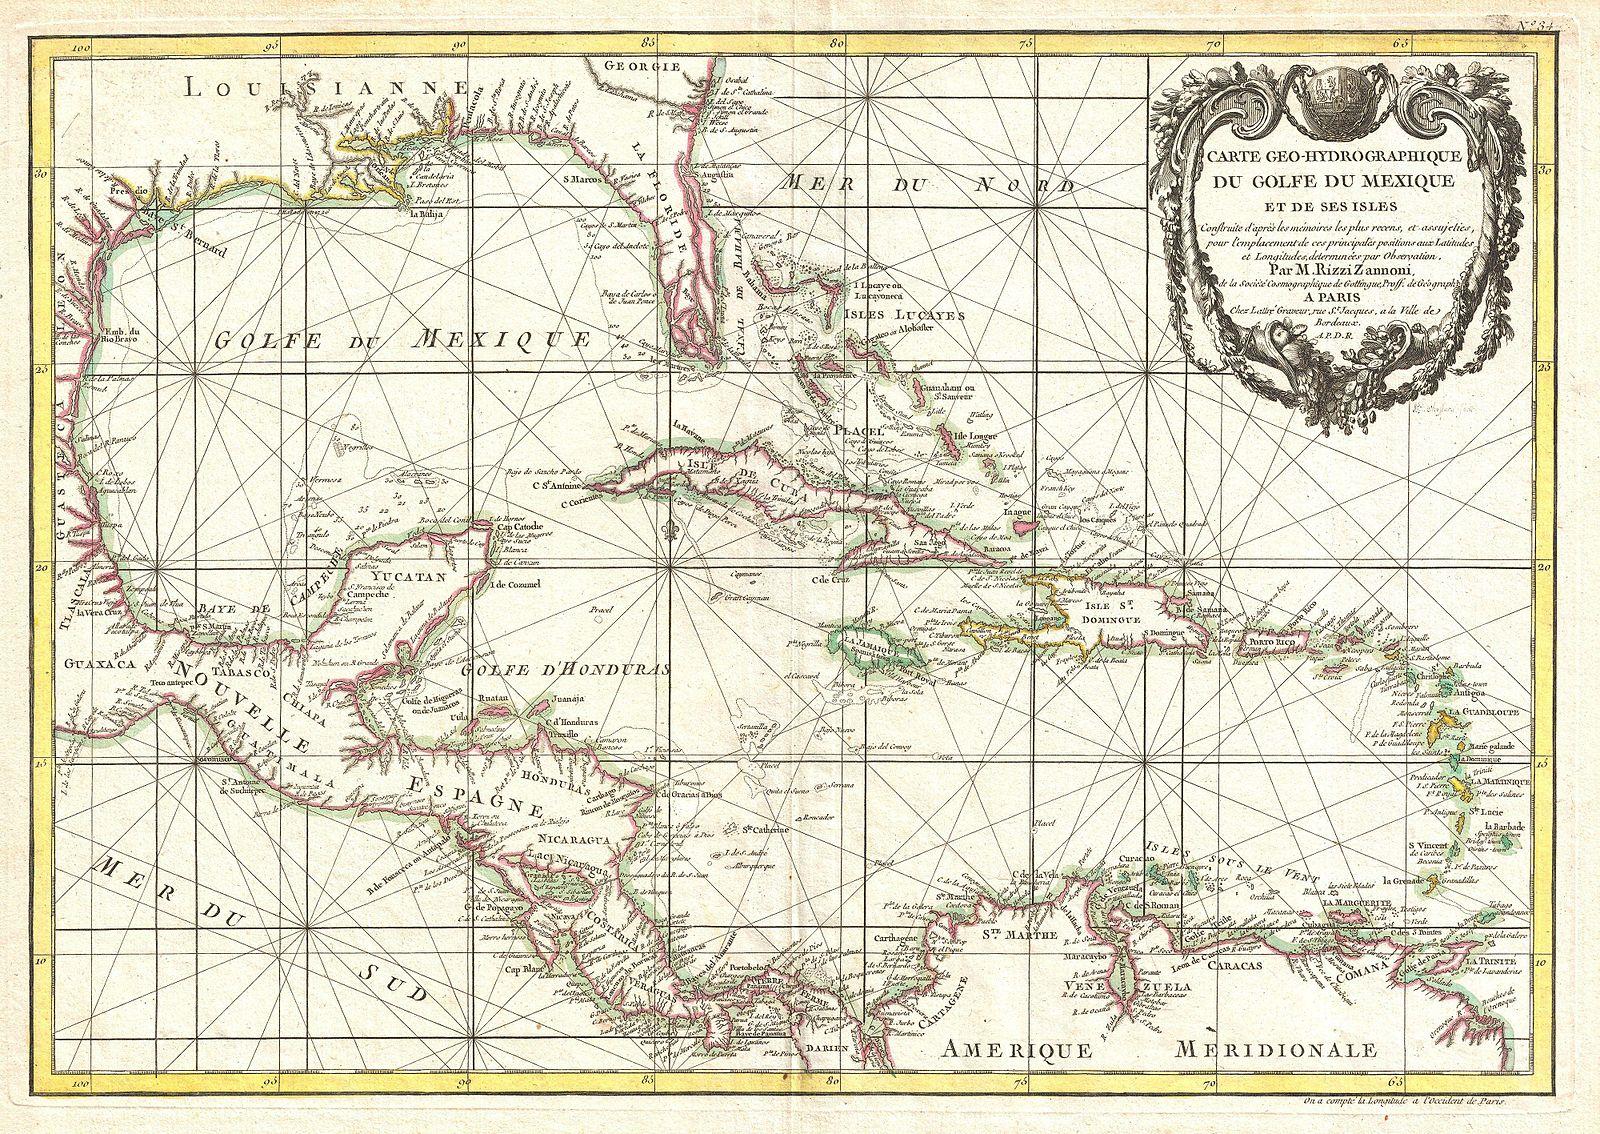 alte Karte der Karibik